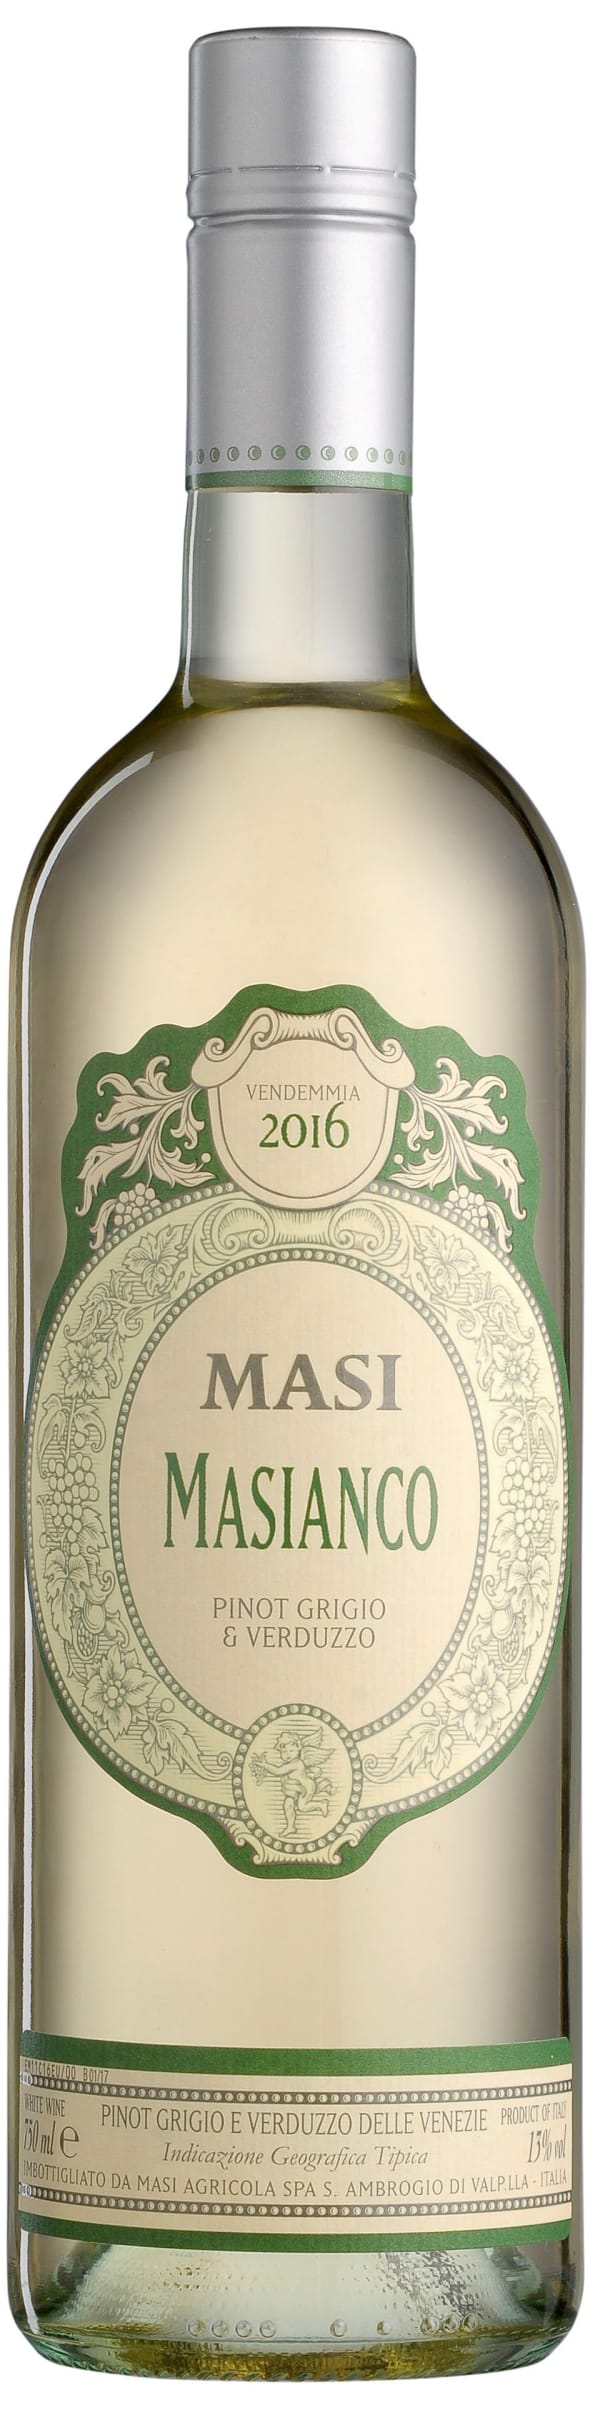 Masi Masianco Pinot Grigio Verduzzo 2019